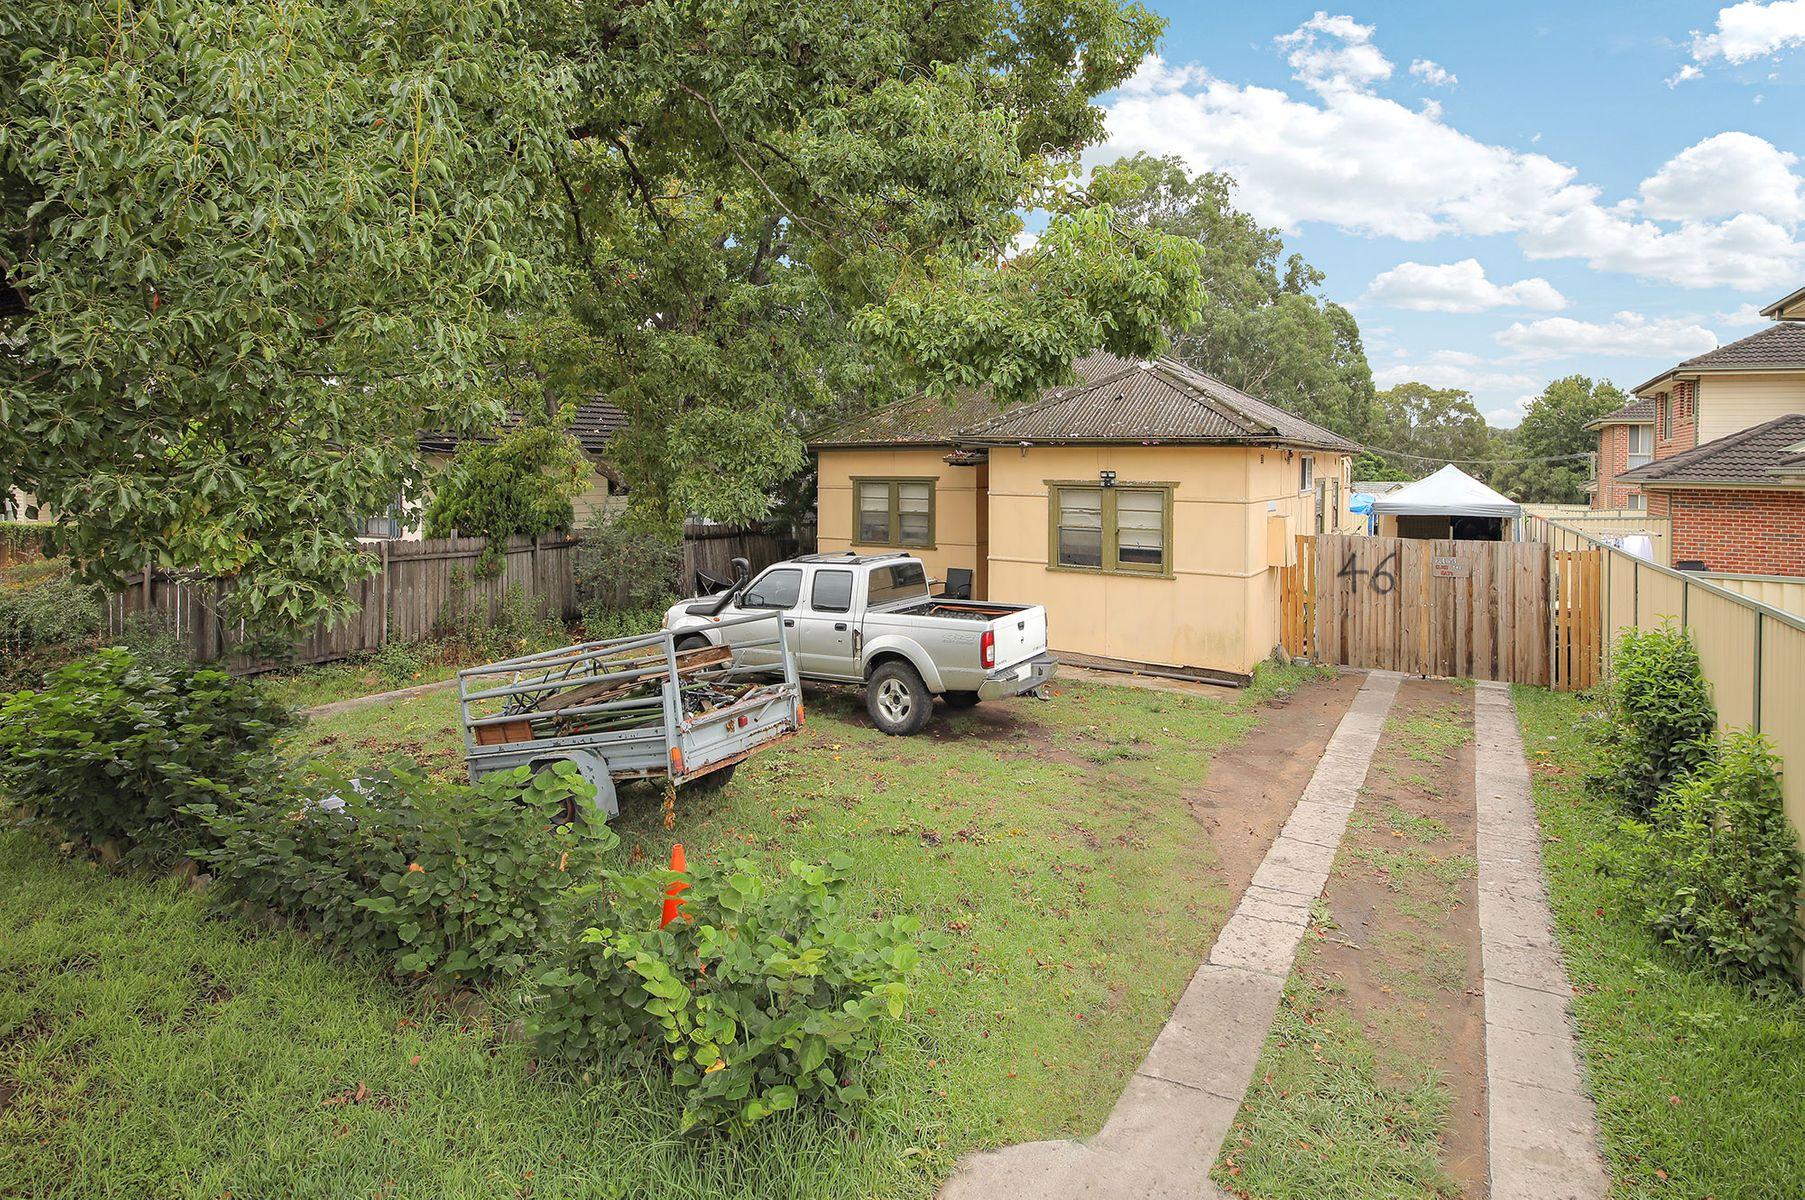 46 Macquarie Road, Ingleburn, NSW 2565